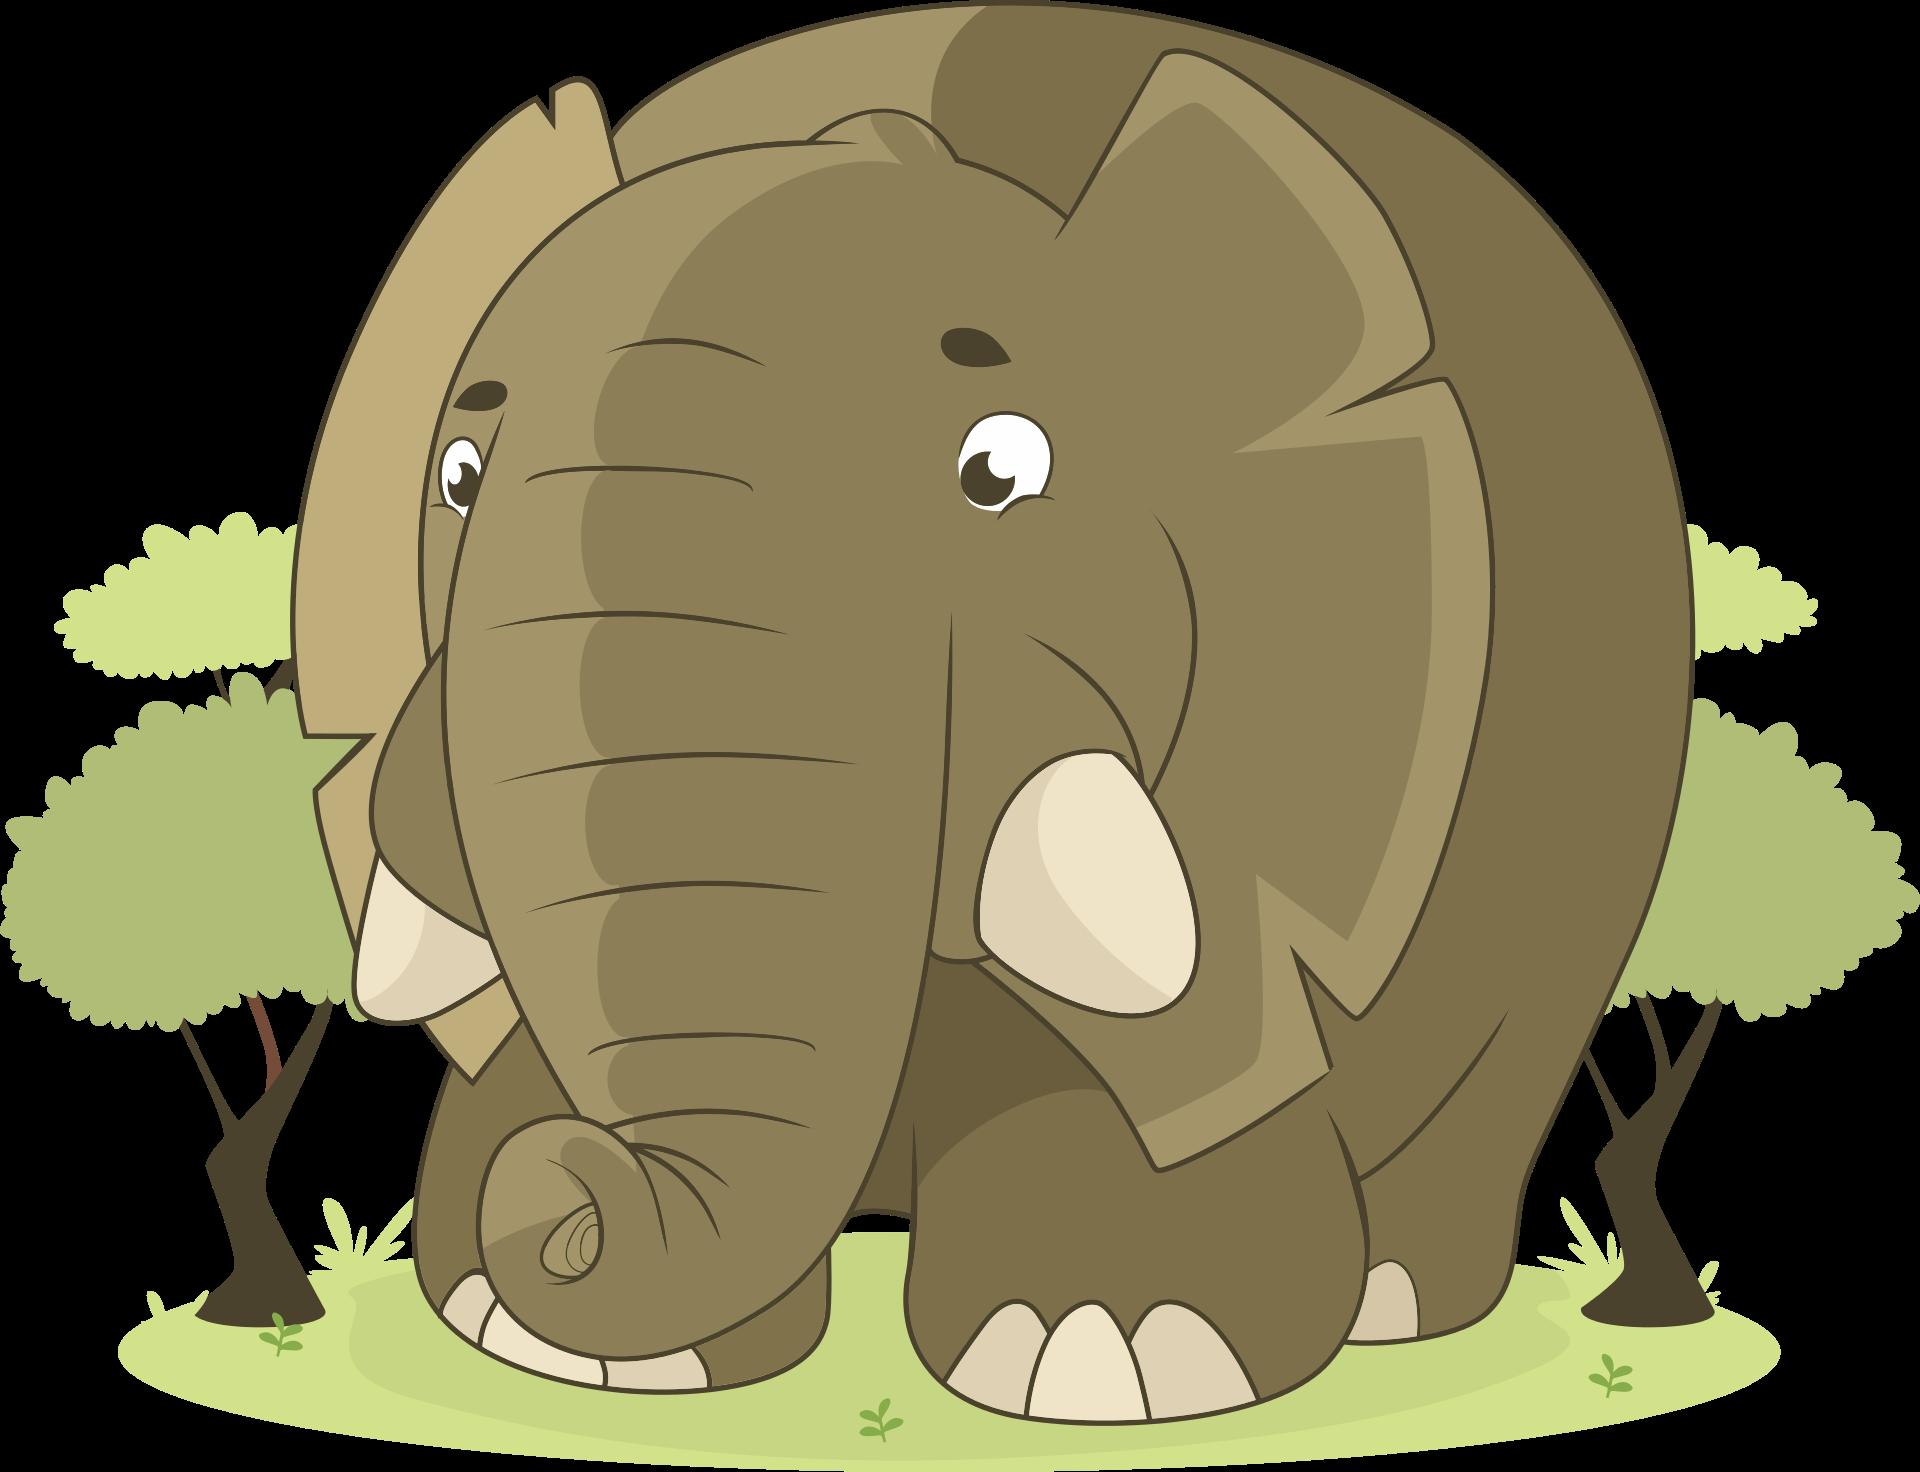 Слон, джунгли, Саванна, Африка, большие - Обои HD - Профессор falken.com